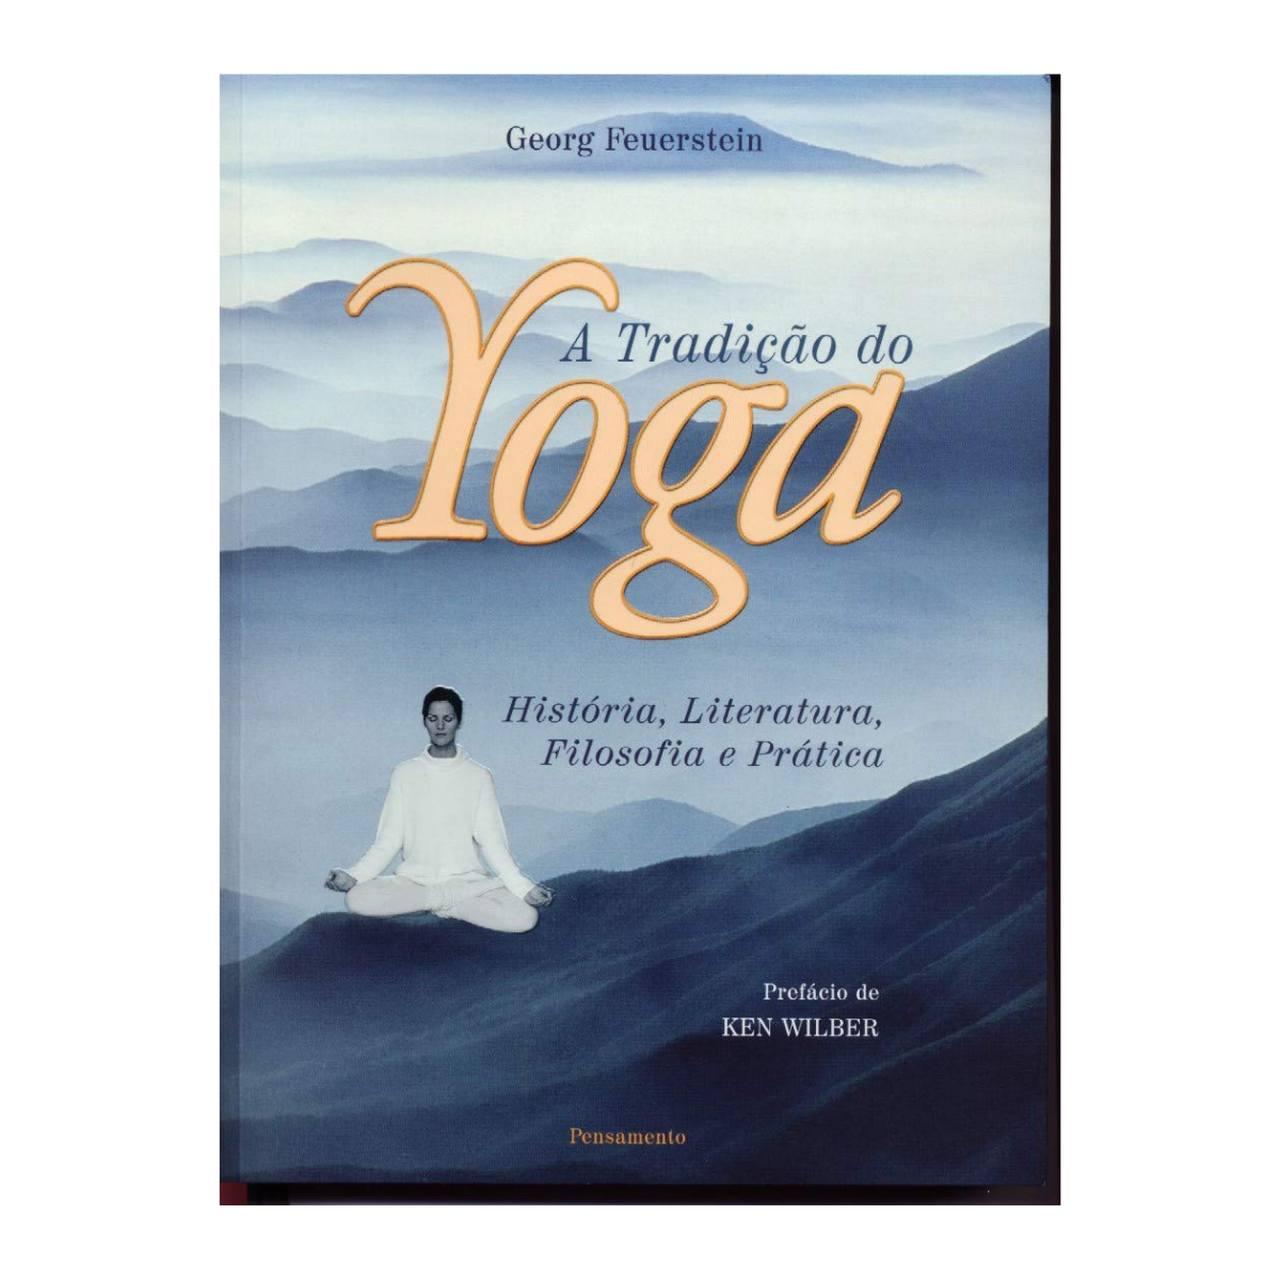 A Tradição do Yoga - FEUERSTEIN, GEORG